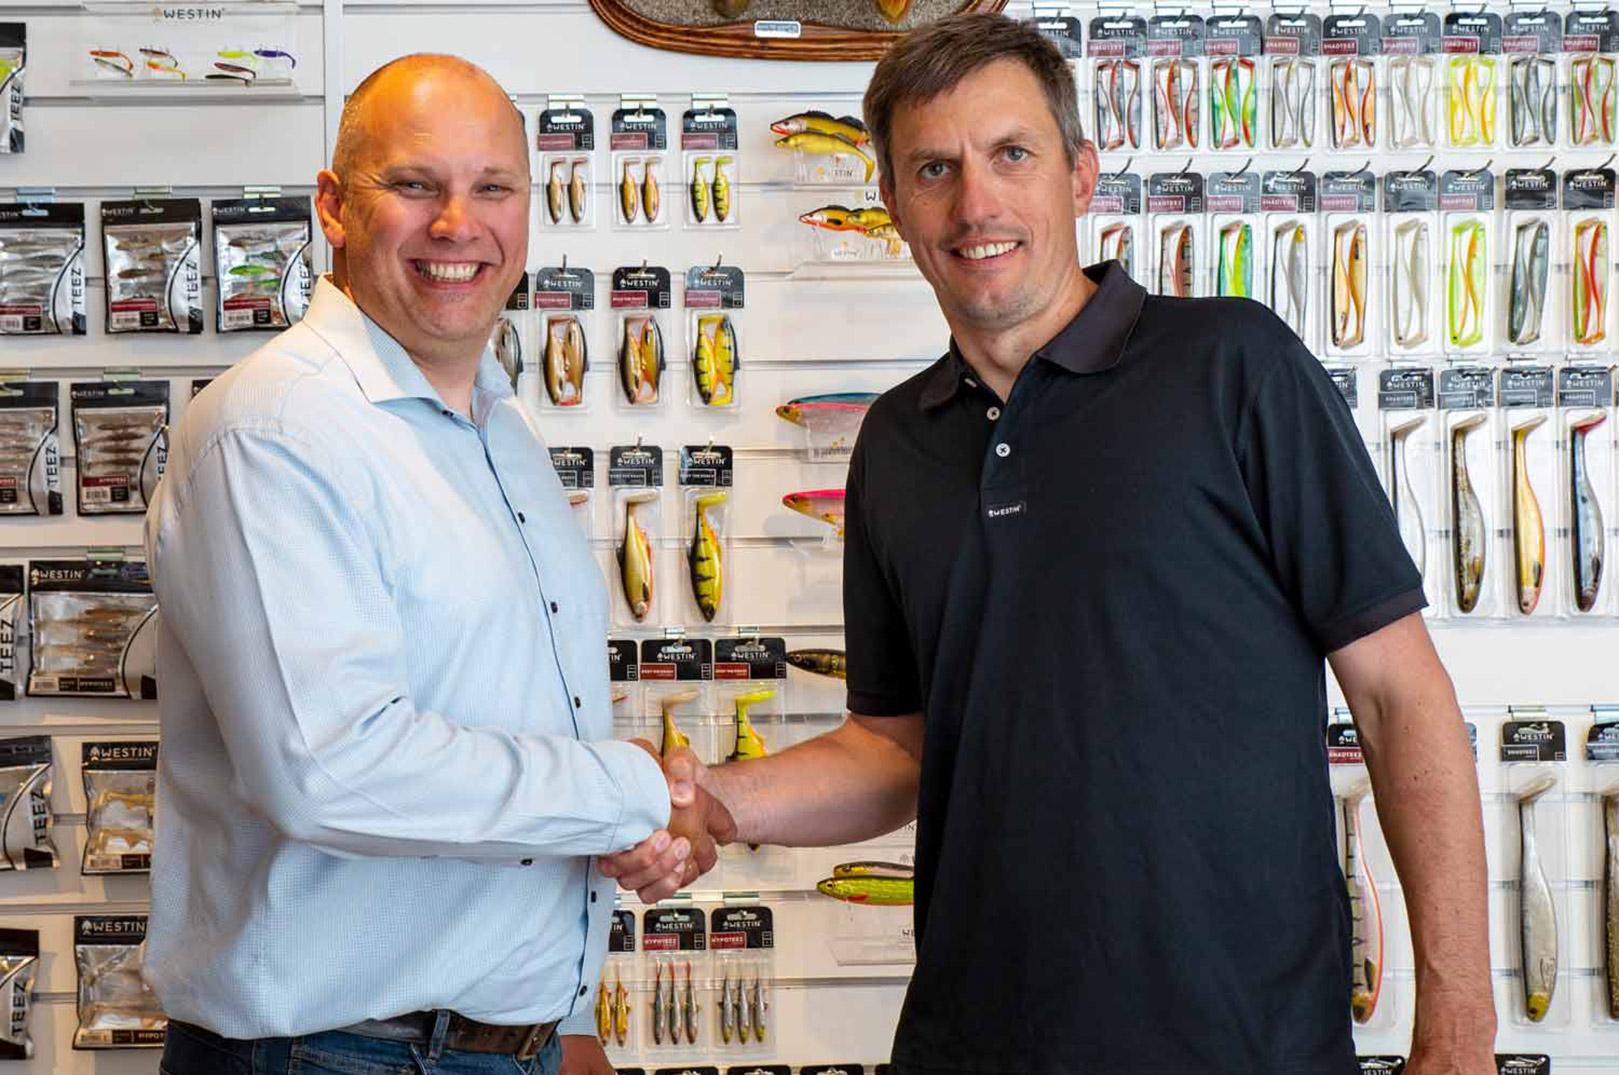 Thomas Wæver til venstre og Thomas Petersen Eldor til højre trykke hånd på ansættelsen af Wæver som export manager hos Westin.